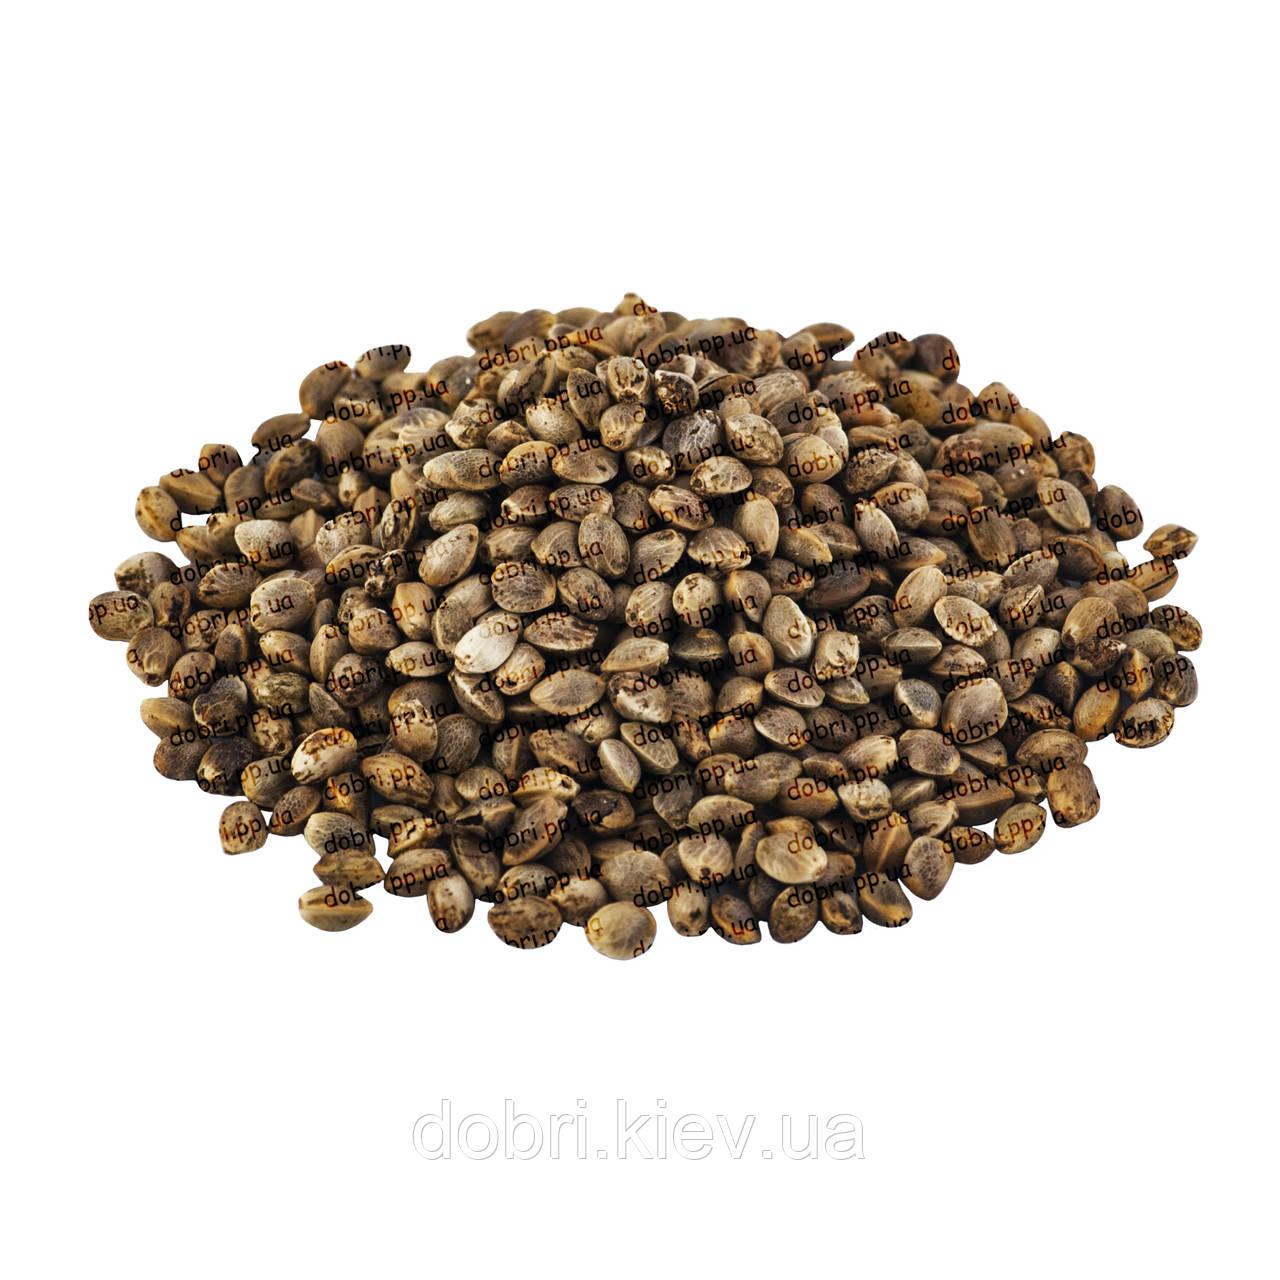 Семена марихуаны цена киев посевы конопли